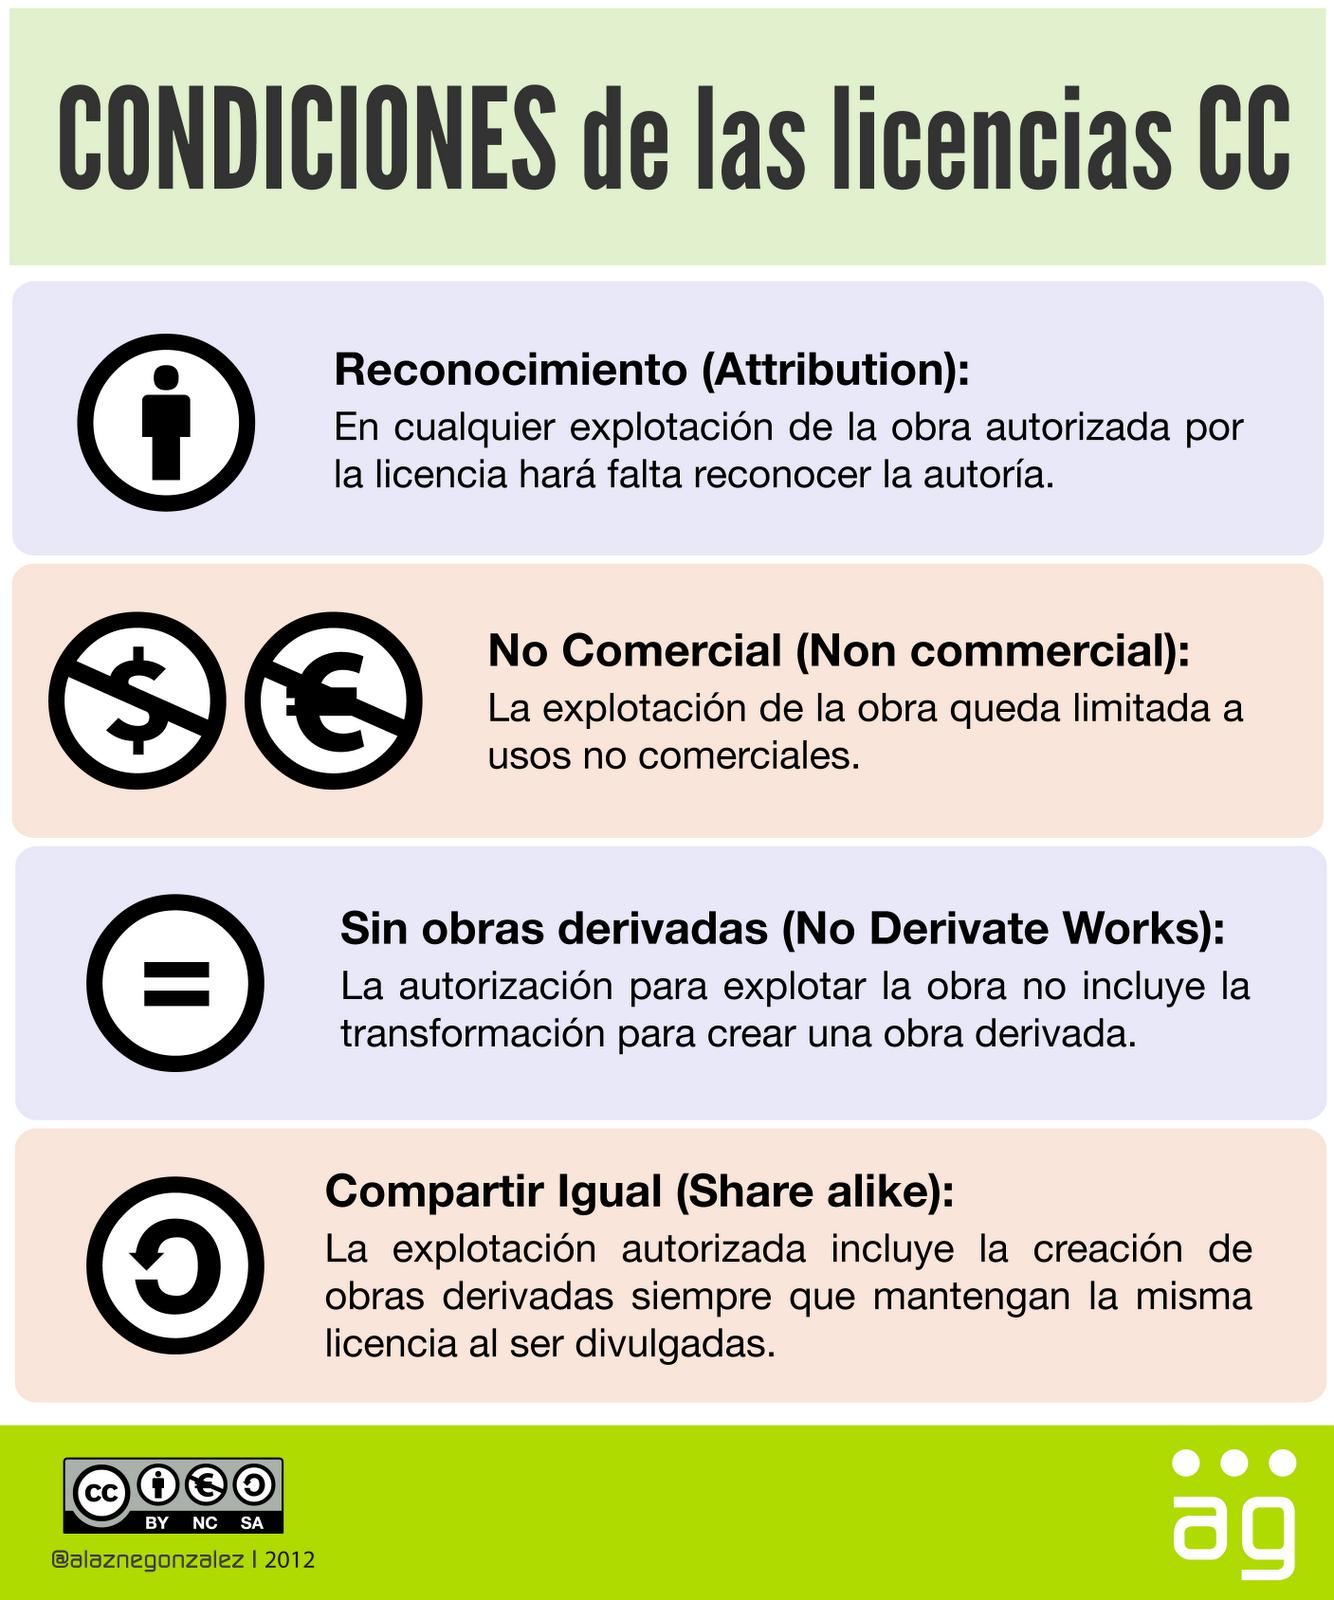 condiciones-de-la-licencias-cc